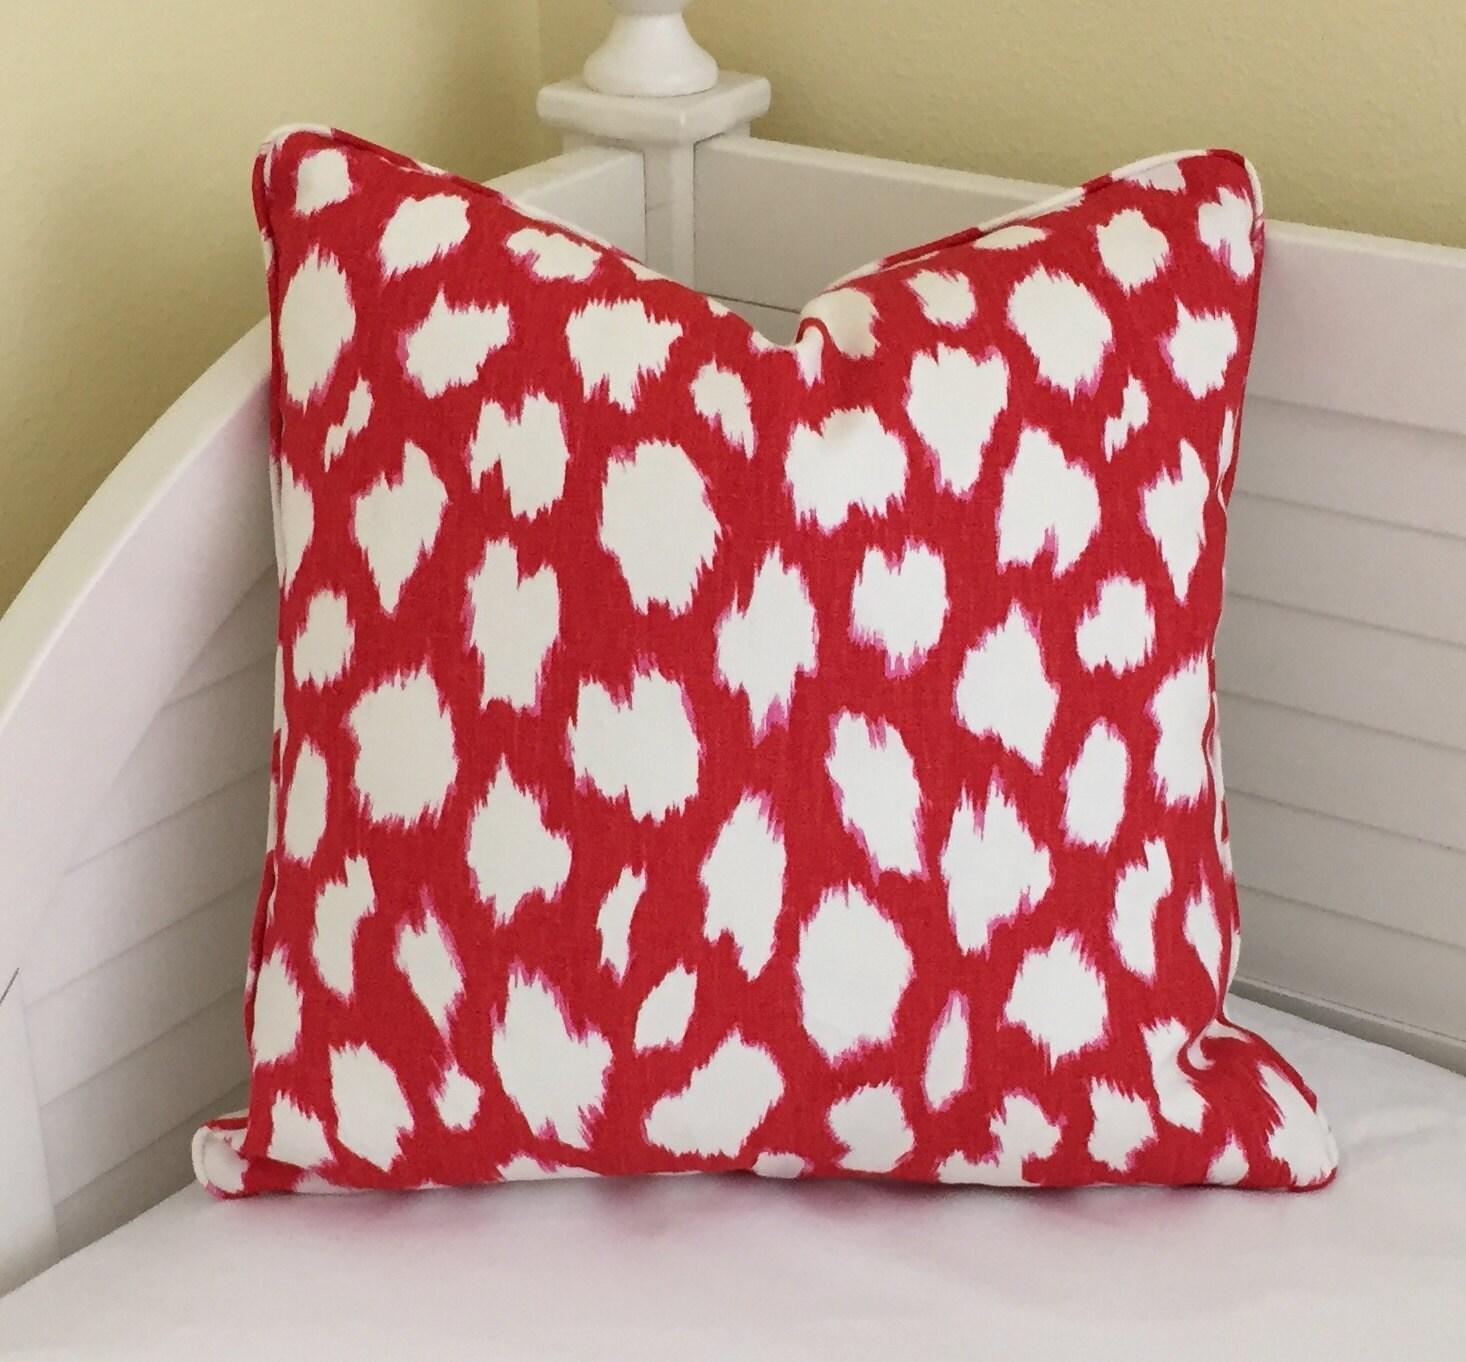 Kravet Leokat Leopard Print in Maraschino Red Designer Pillow